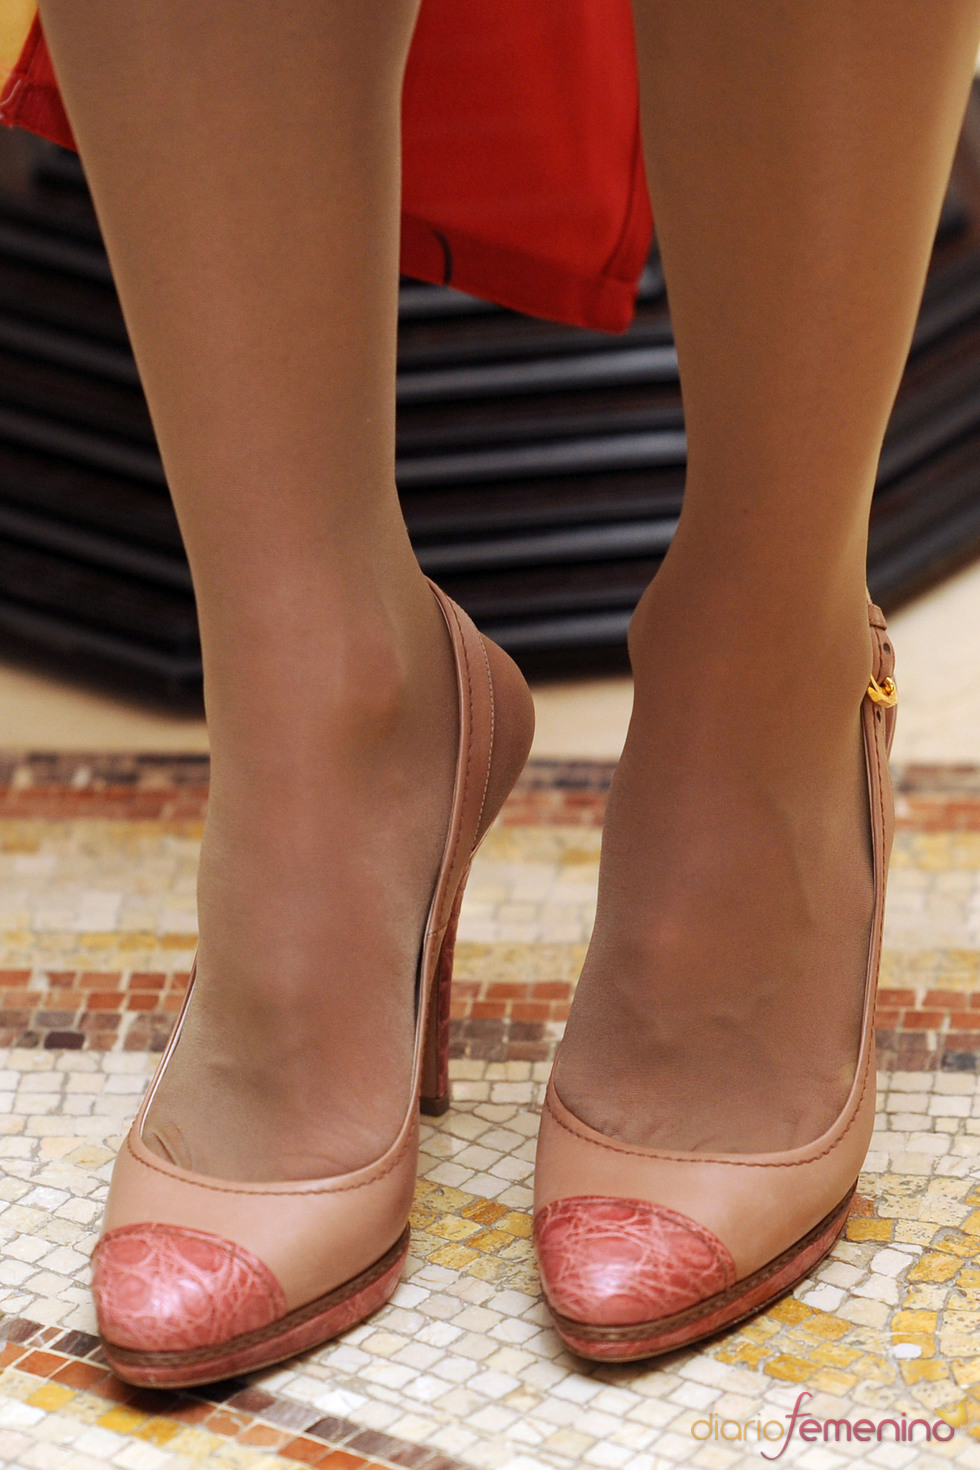 Los zapatos de Rania de Jordania en el almuerzo con los Príncipes de Asturias